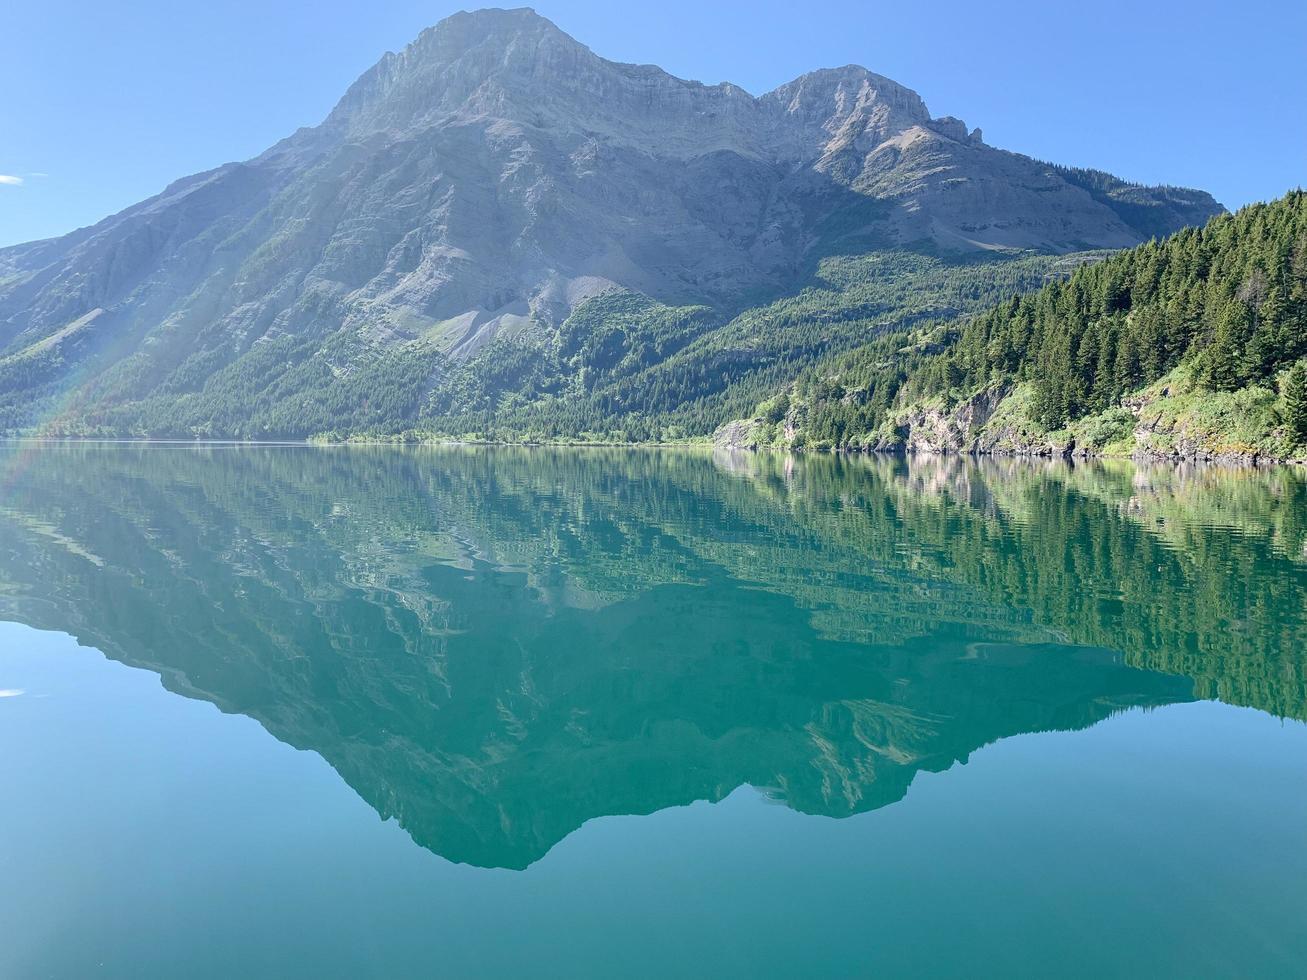 Gewässer und Berg unter blauem Himmel foto